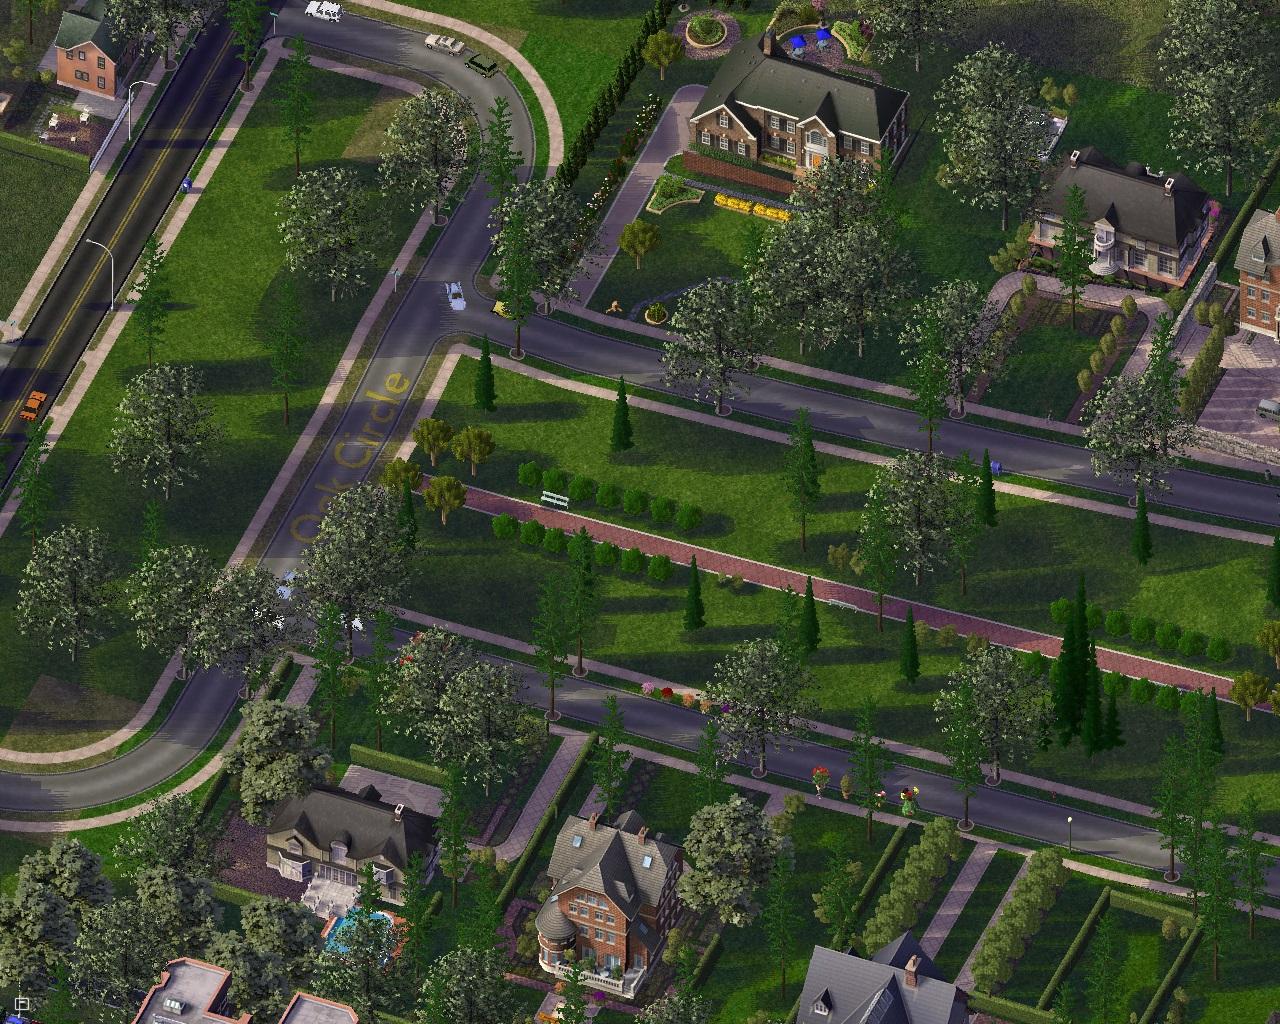 North_Jackson_Neighborhood.jpg